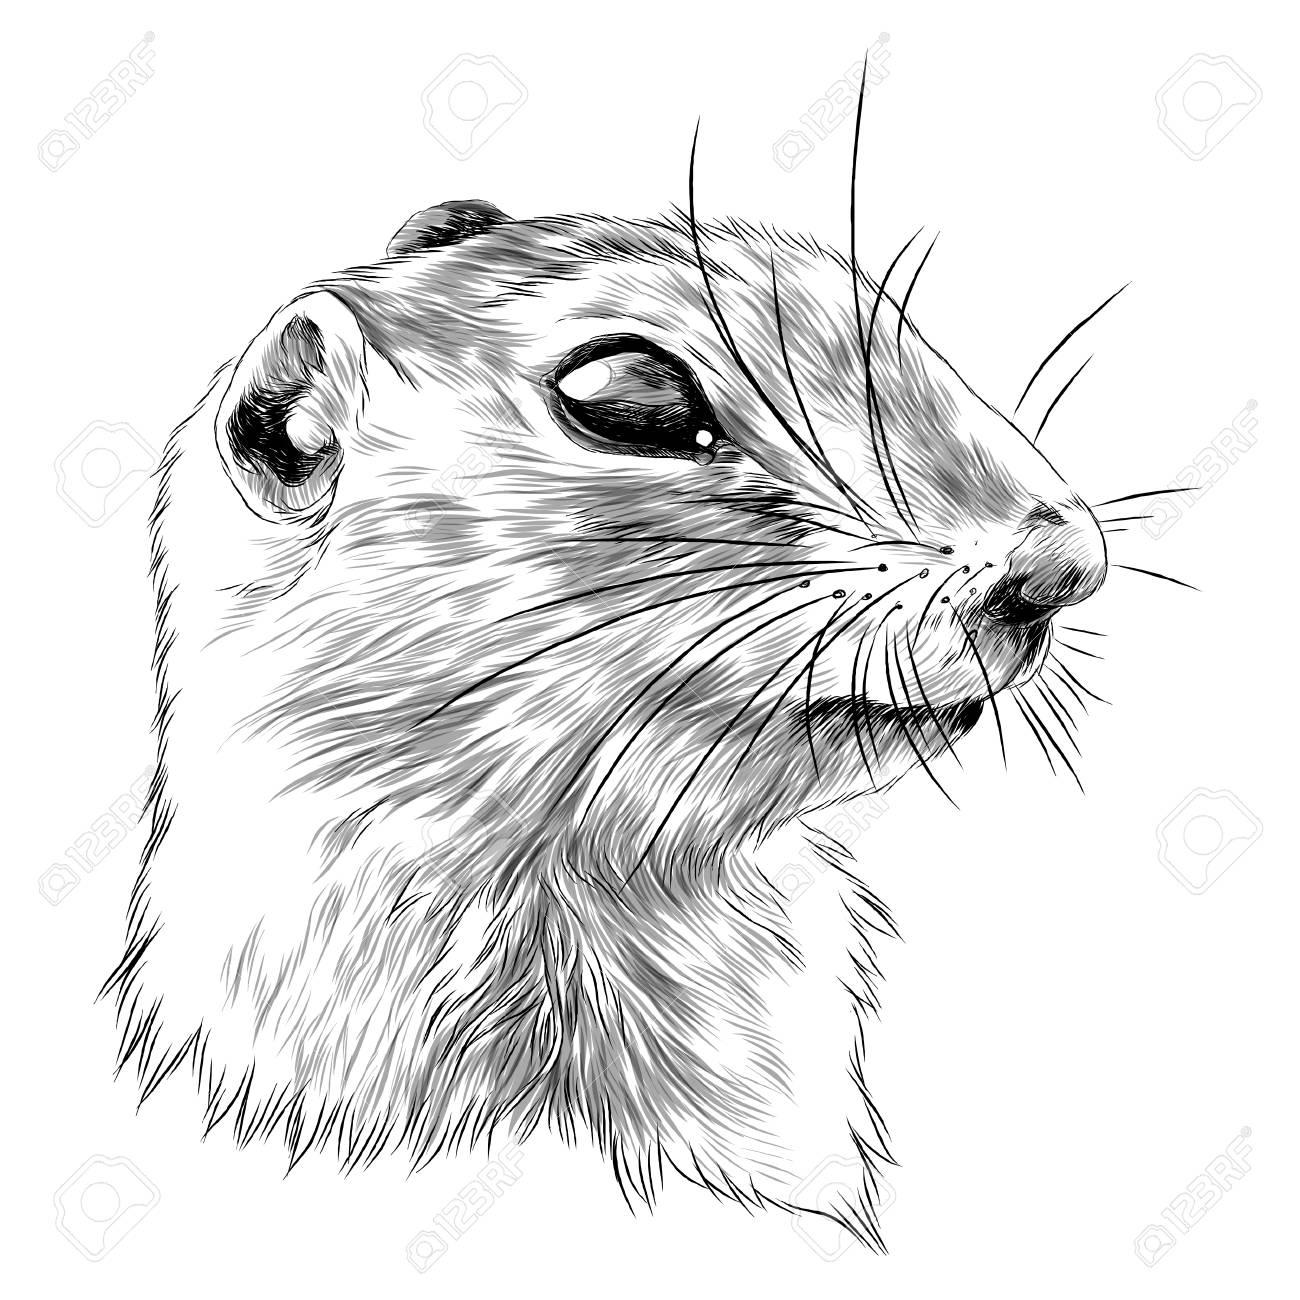 Gopher sketch graphic design. - 91604262